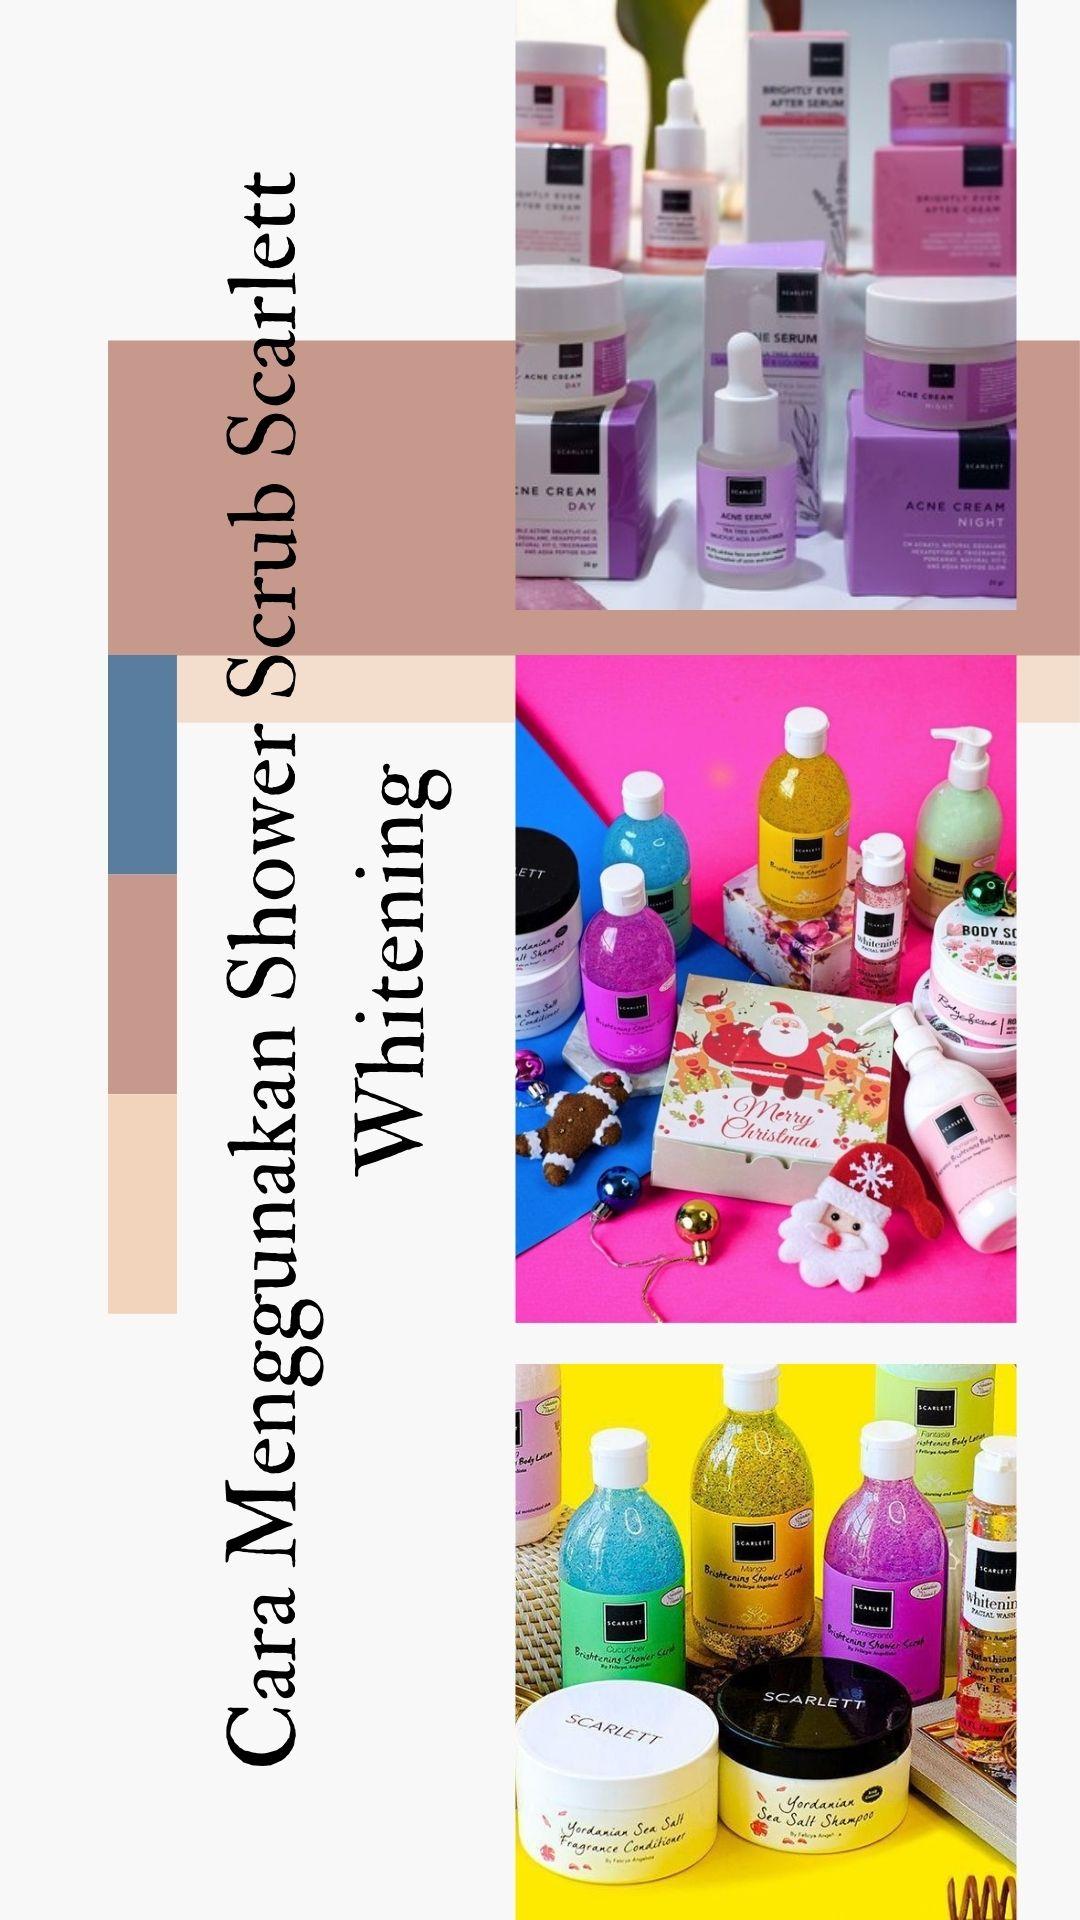 cara menggunakan shower scrub scarlett whitening